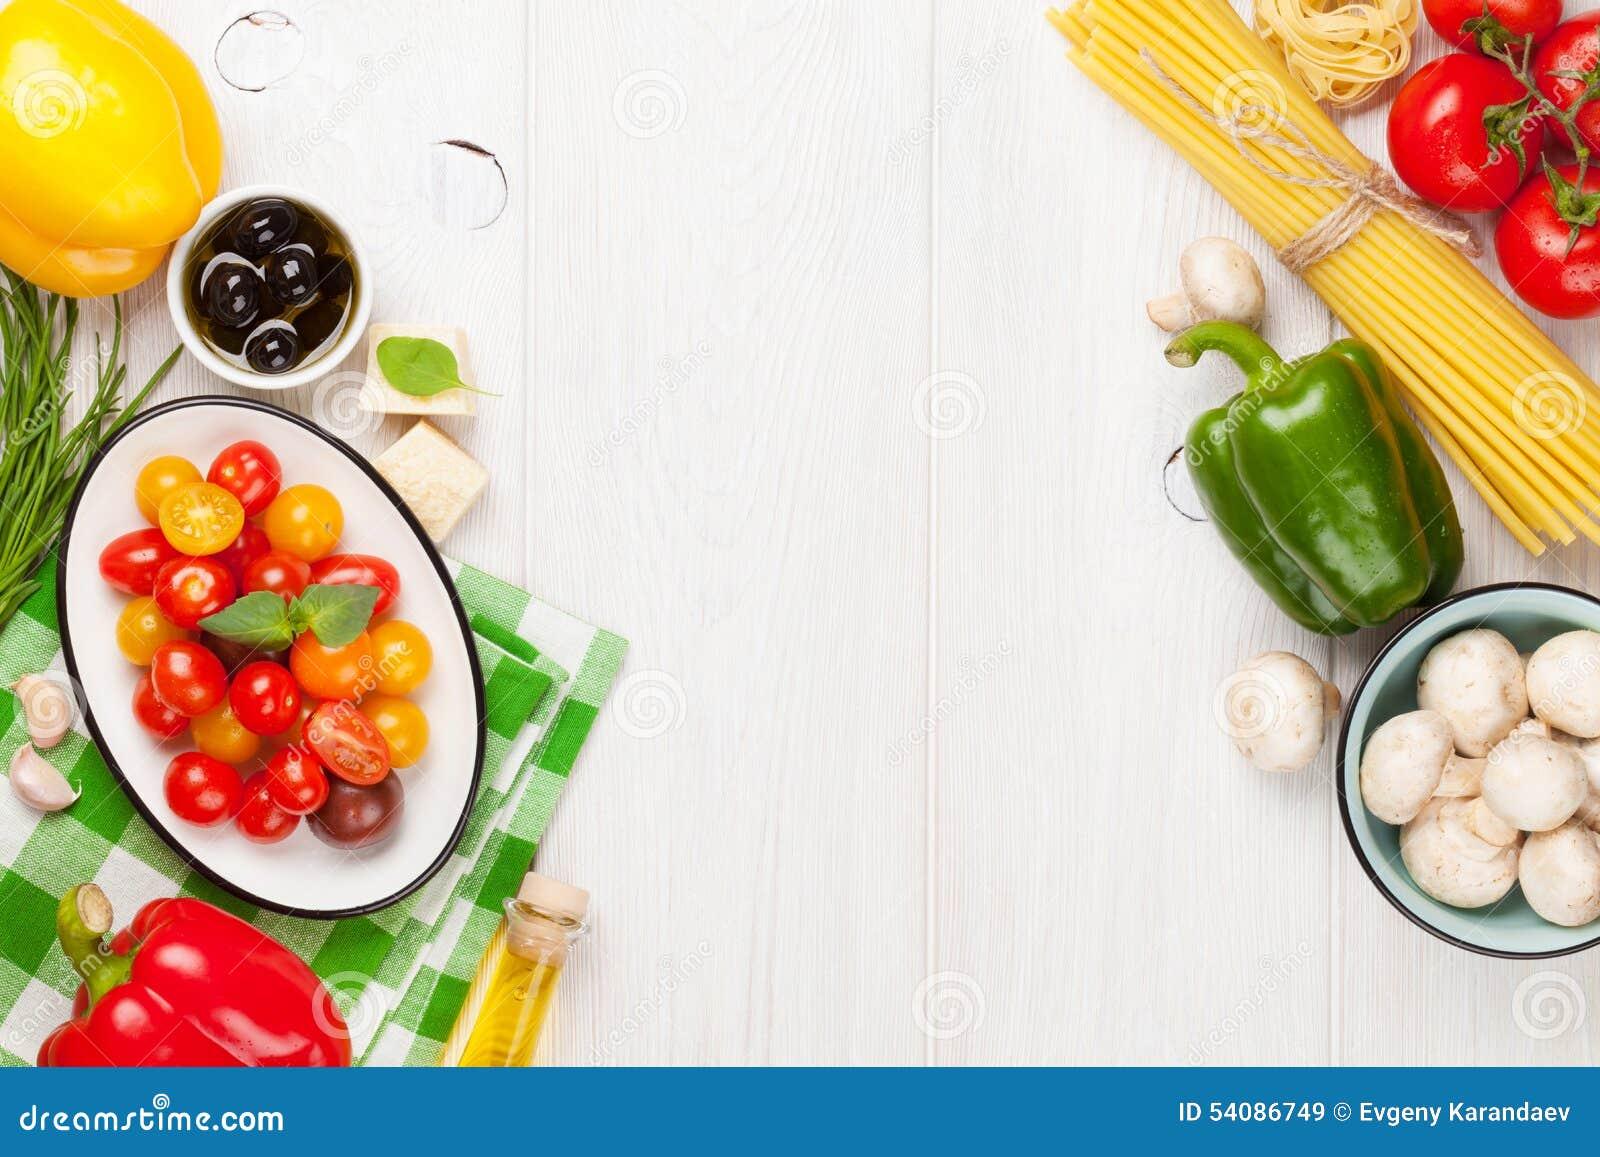 Italiaanse voedsel kokende ingrediënten Deegwaren, groenten, kruiden